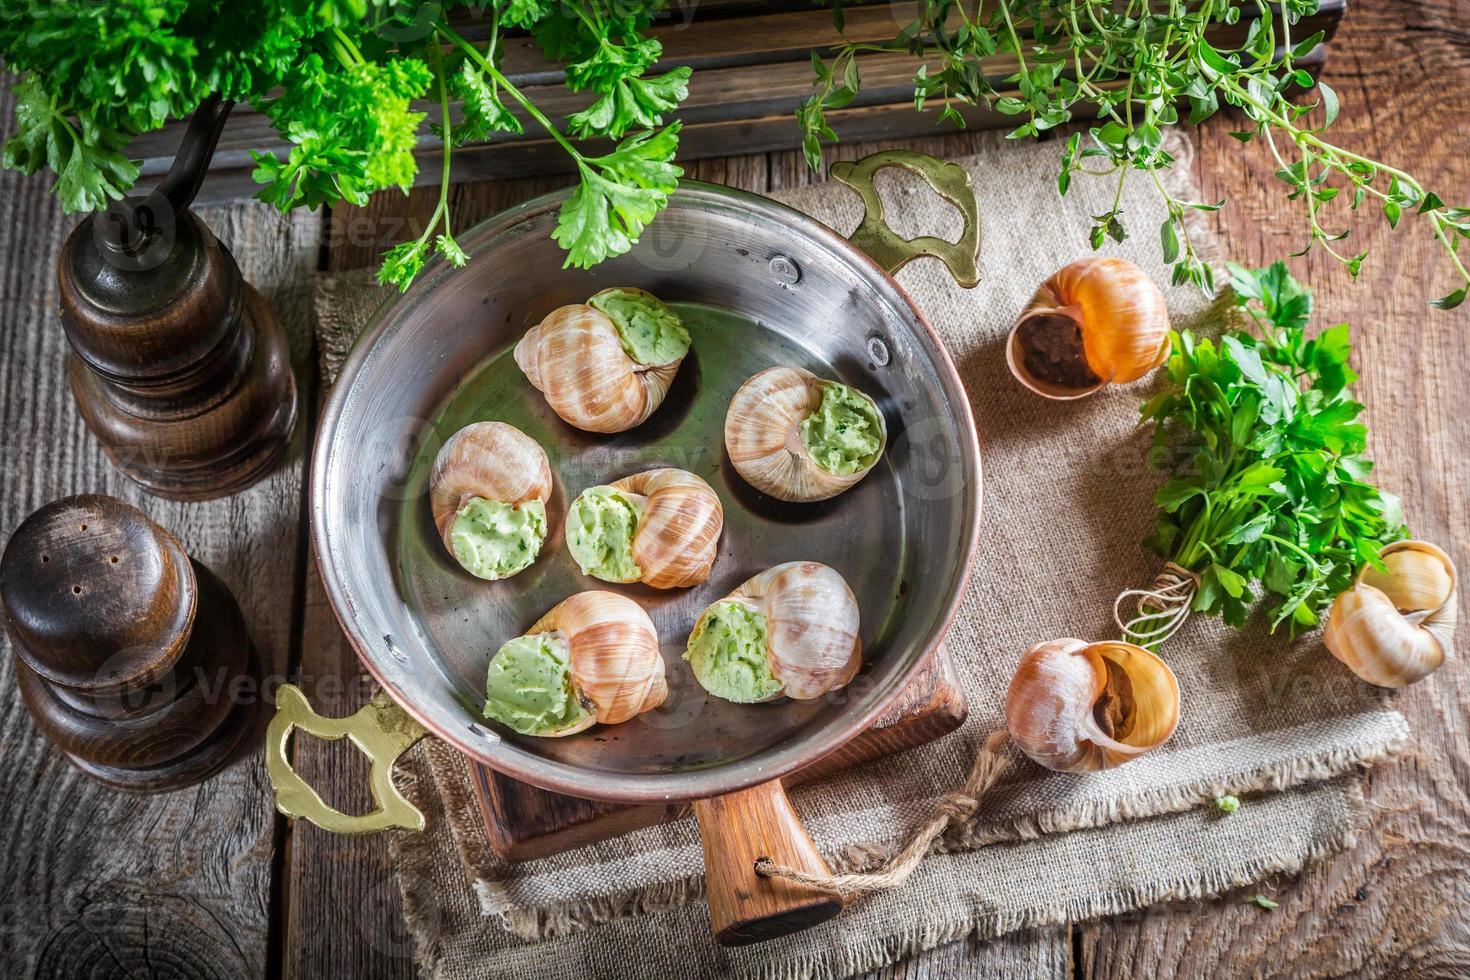 escargots faits maison avant de les rôtir photo